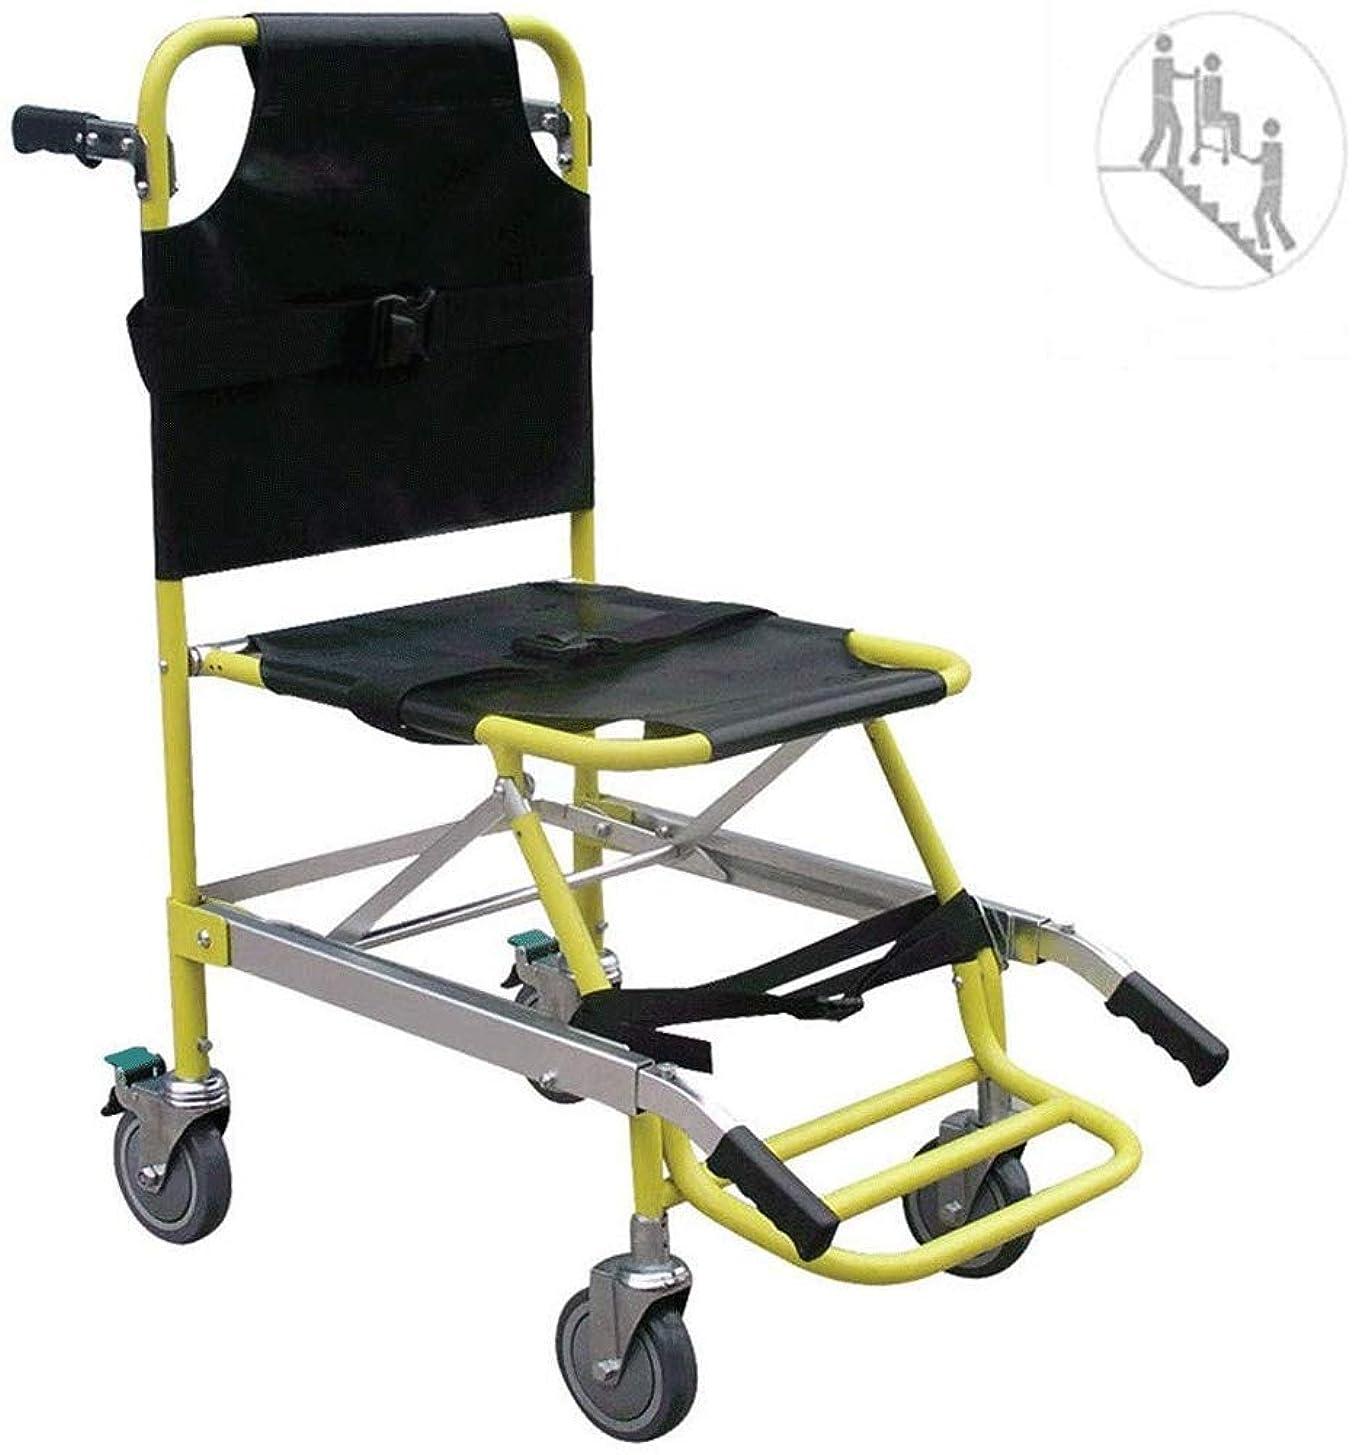 感性とは異なりモルヒネEMS階段チェア - クイックリリースバックル付き救急消防避難アルミ医療リフト階段チェア - 負荷容量:400ポンド